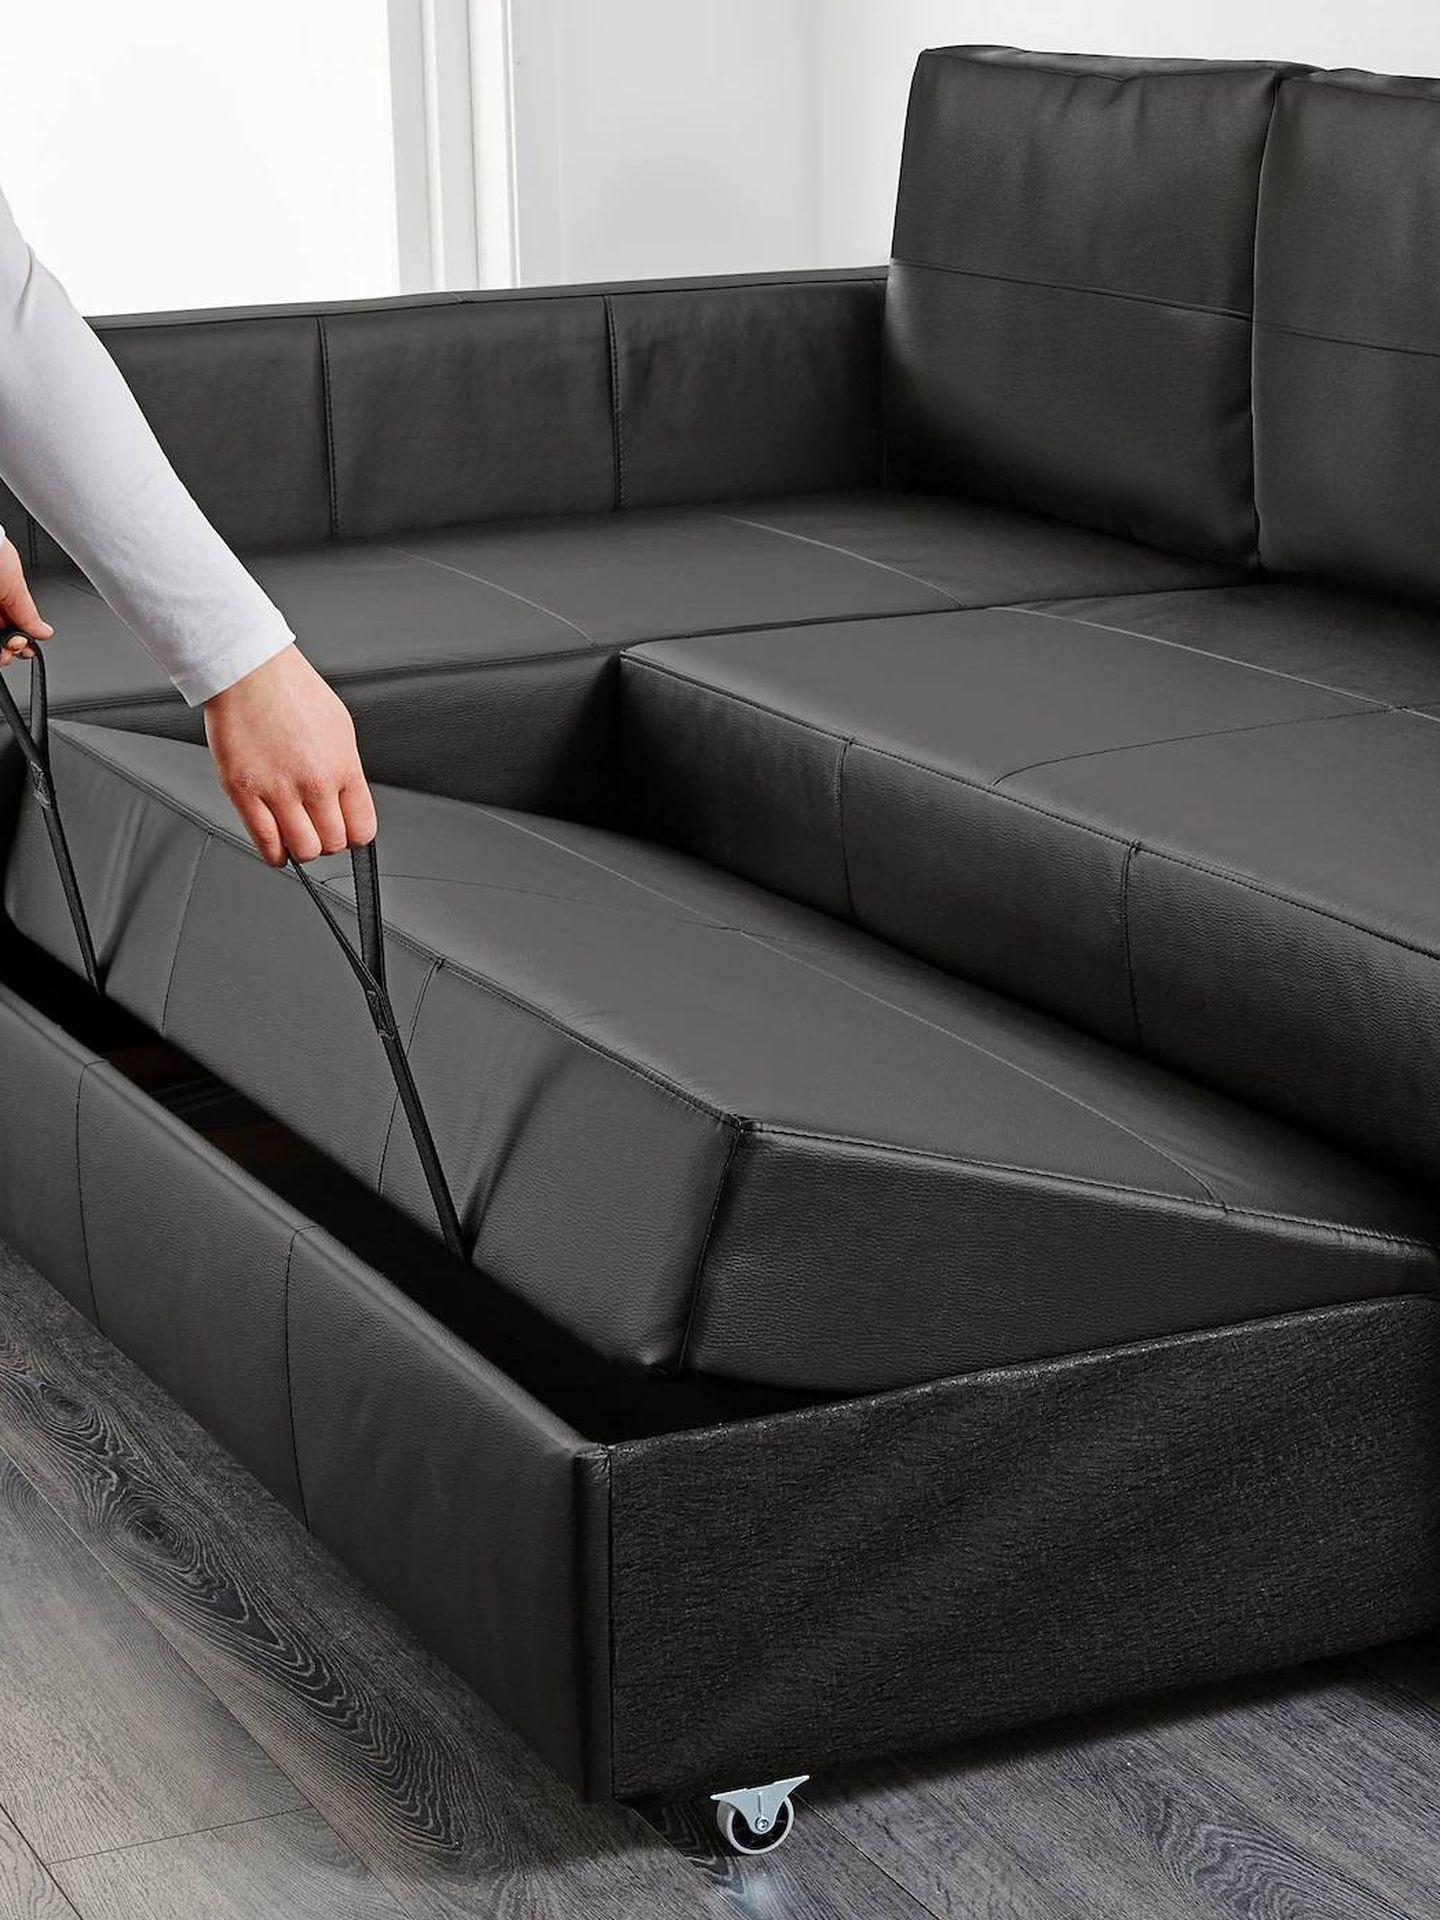 Con un sofá cama como este de Ikea, siempre tendrás una cama extra. (Cortesía)